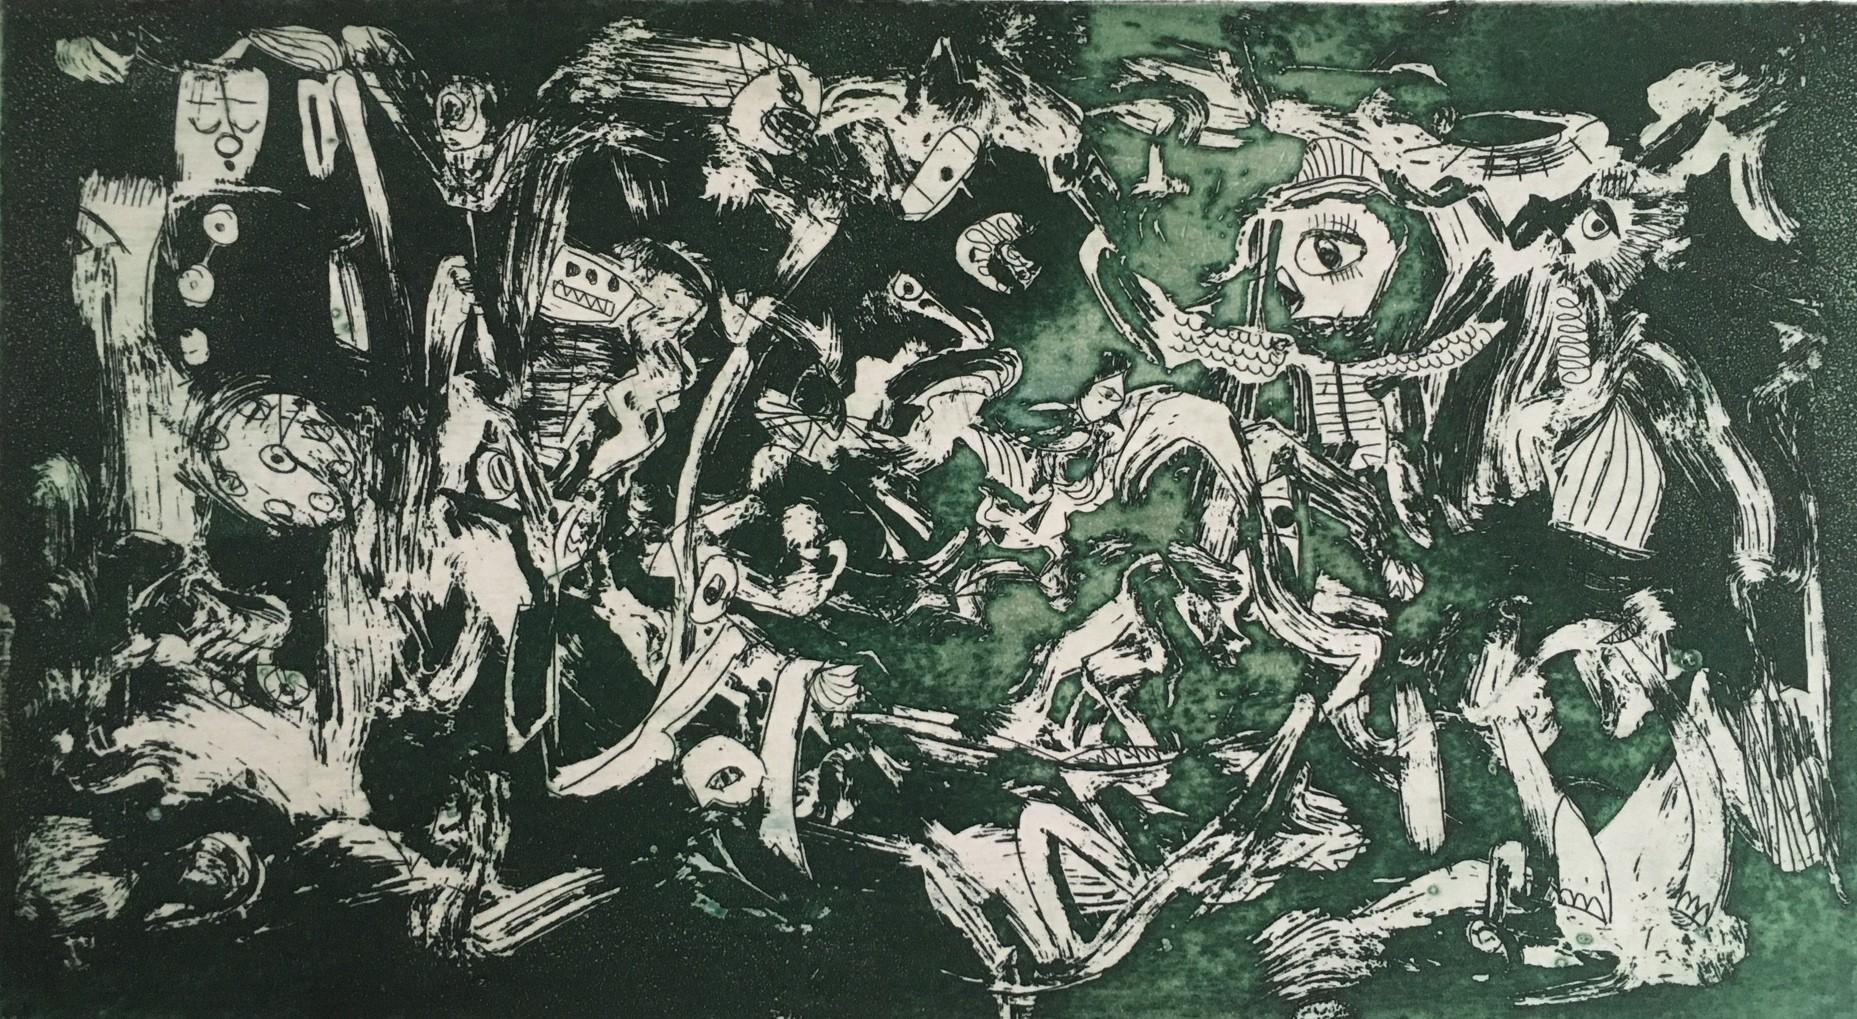 (c) Bianca Scheich, Radierung, Die Grünen, 50 x 60 cm, 2020